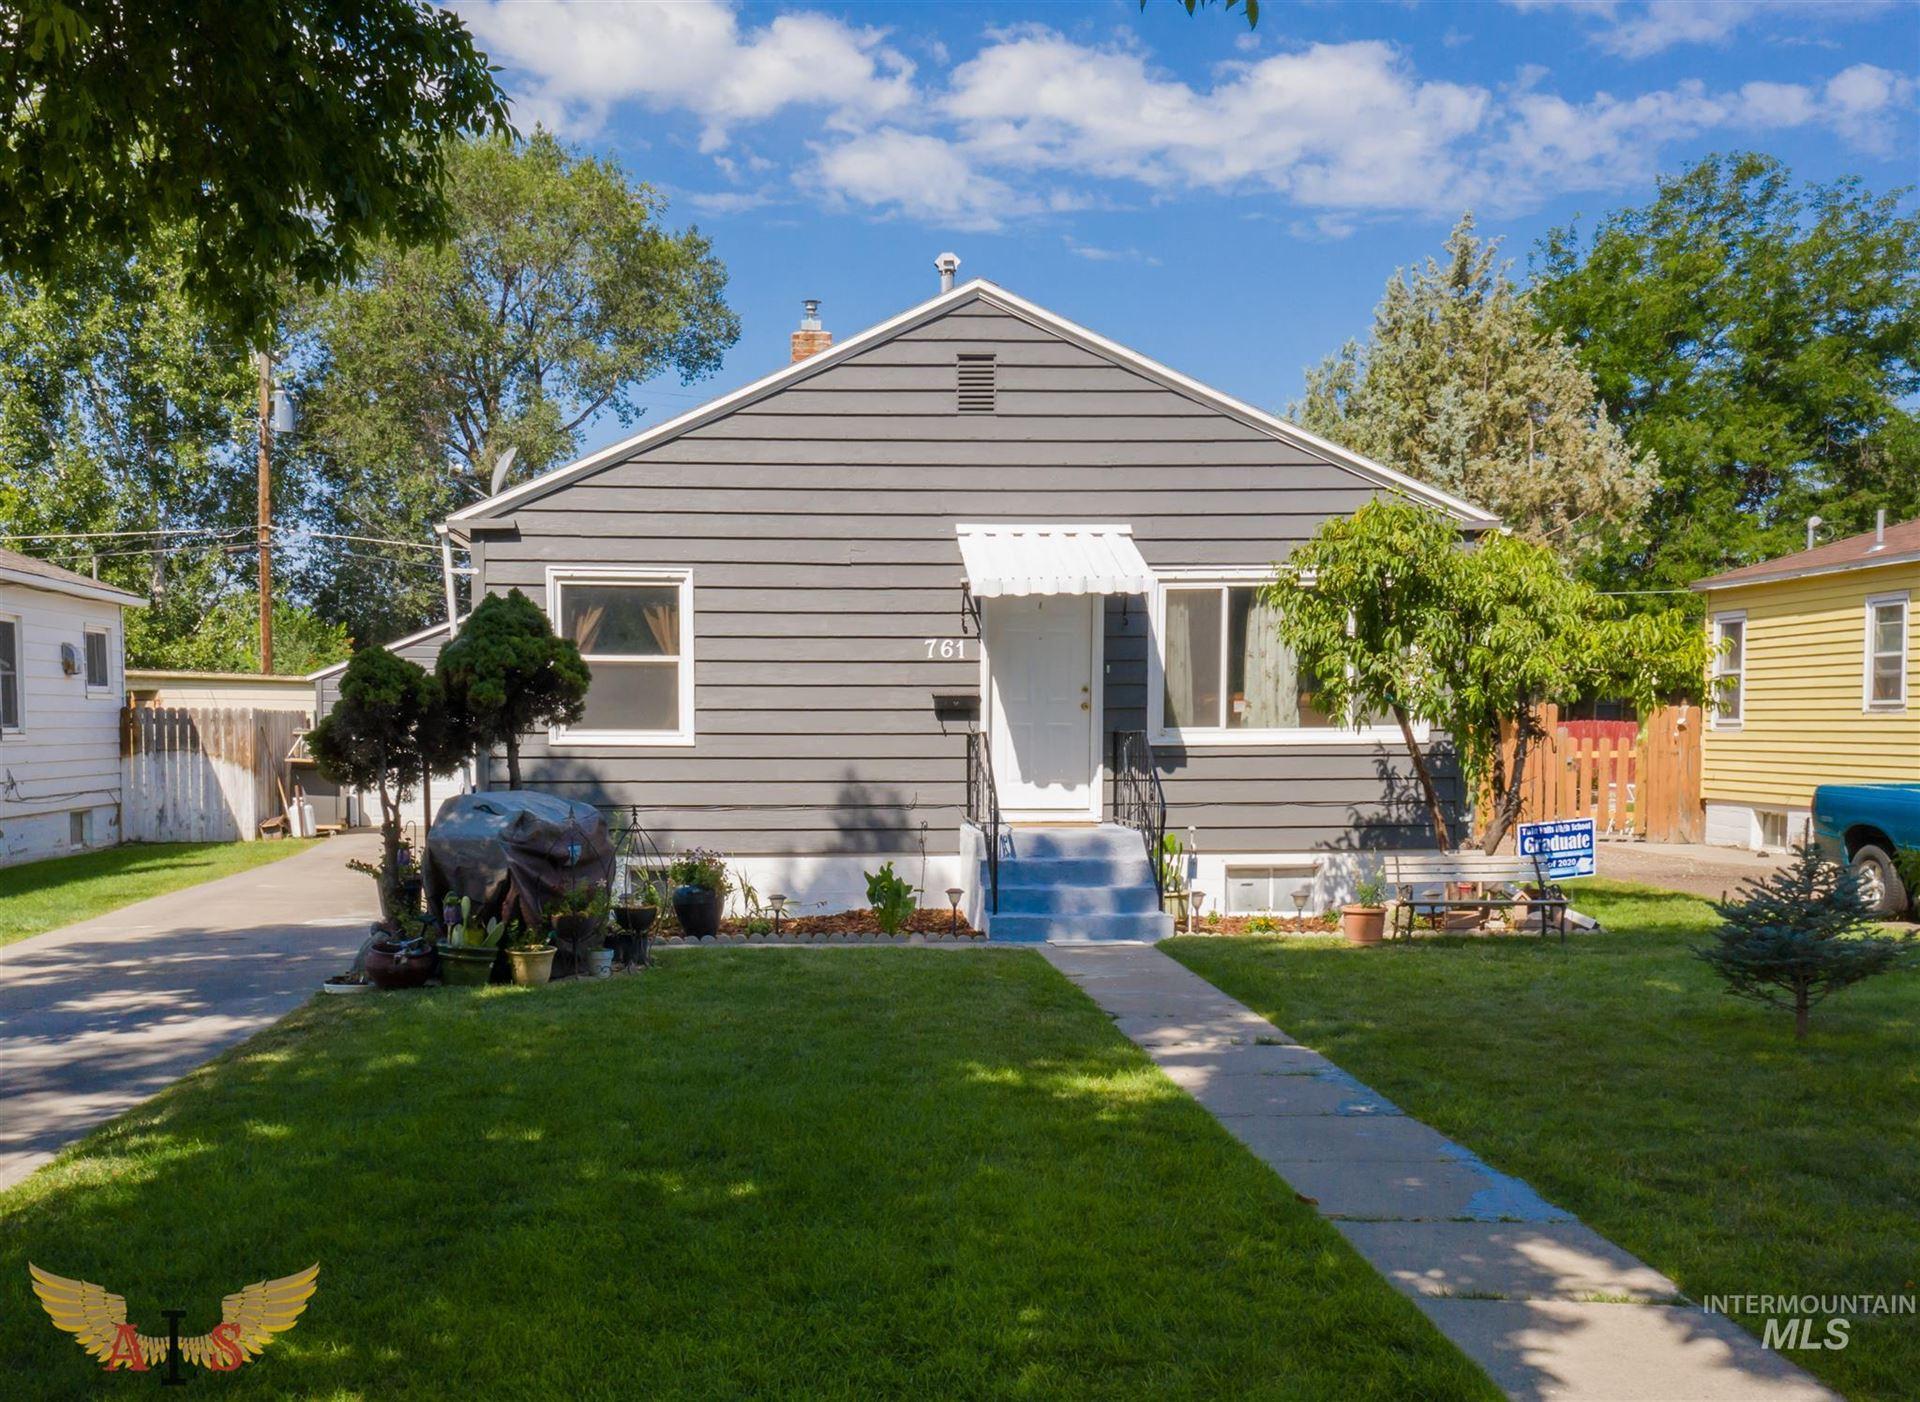 Photo of 761 Juniper Street, Twin Falls, ID 83301 (MLS # 98775842)